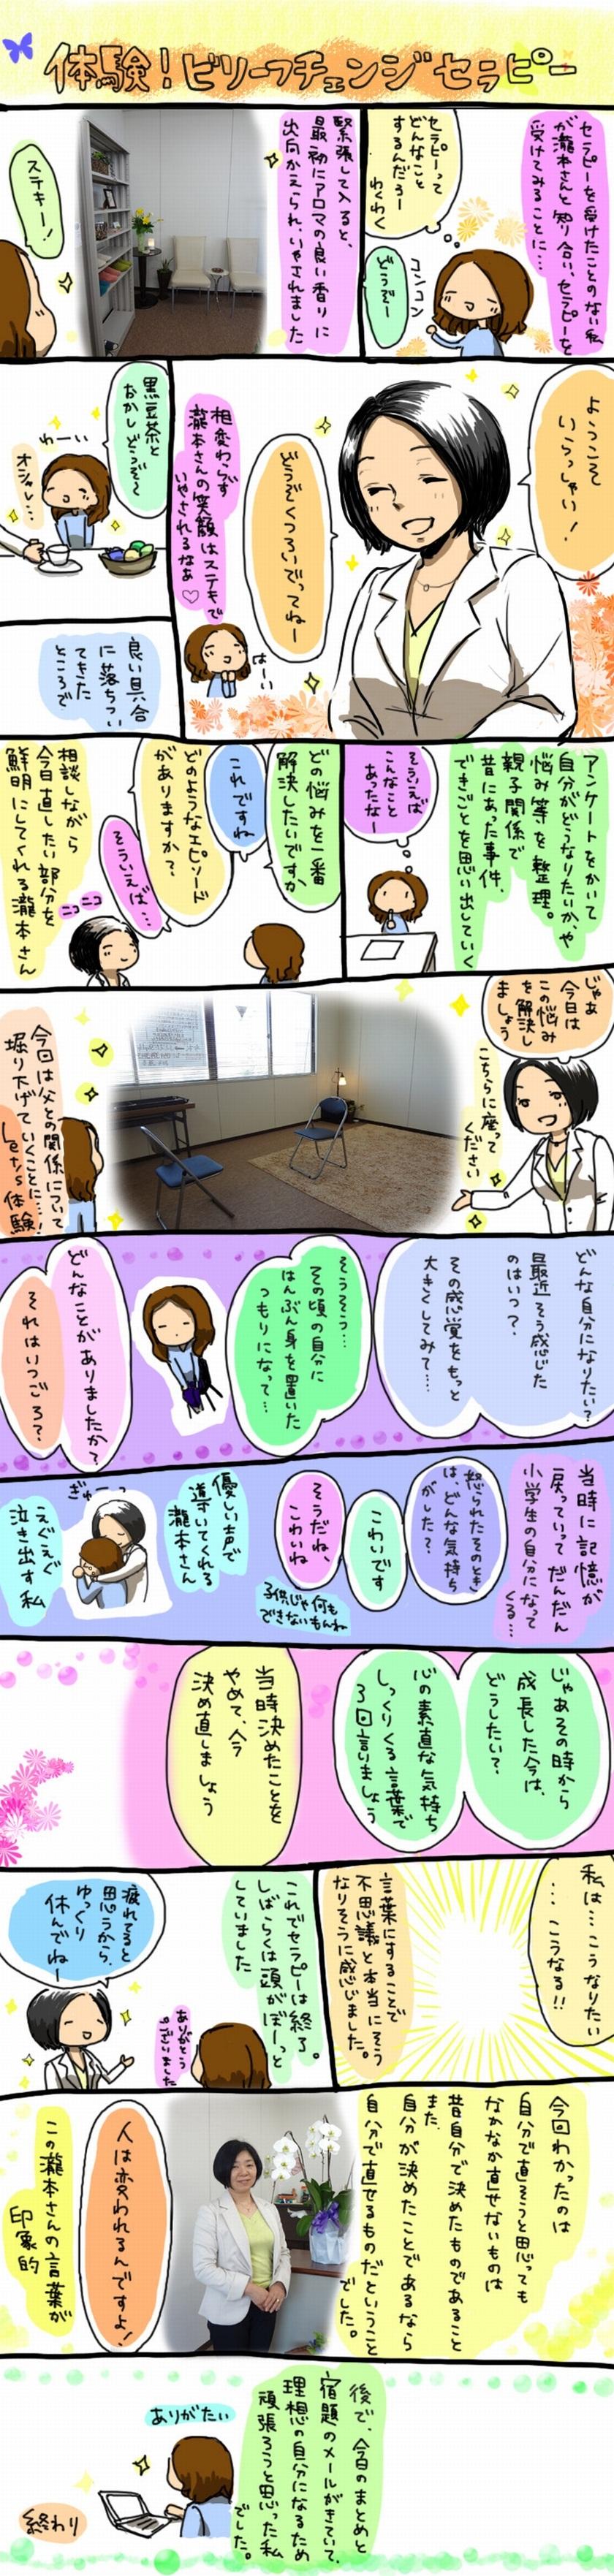 マンガビリーフチェンジセラピー 体験談